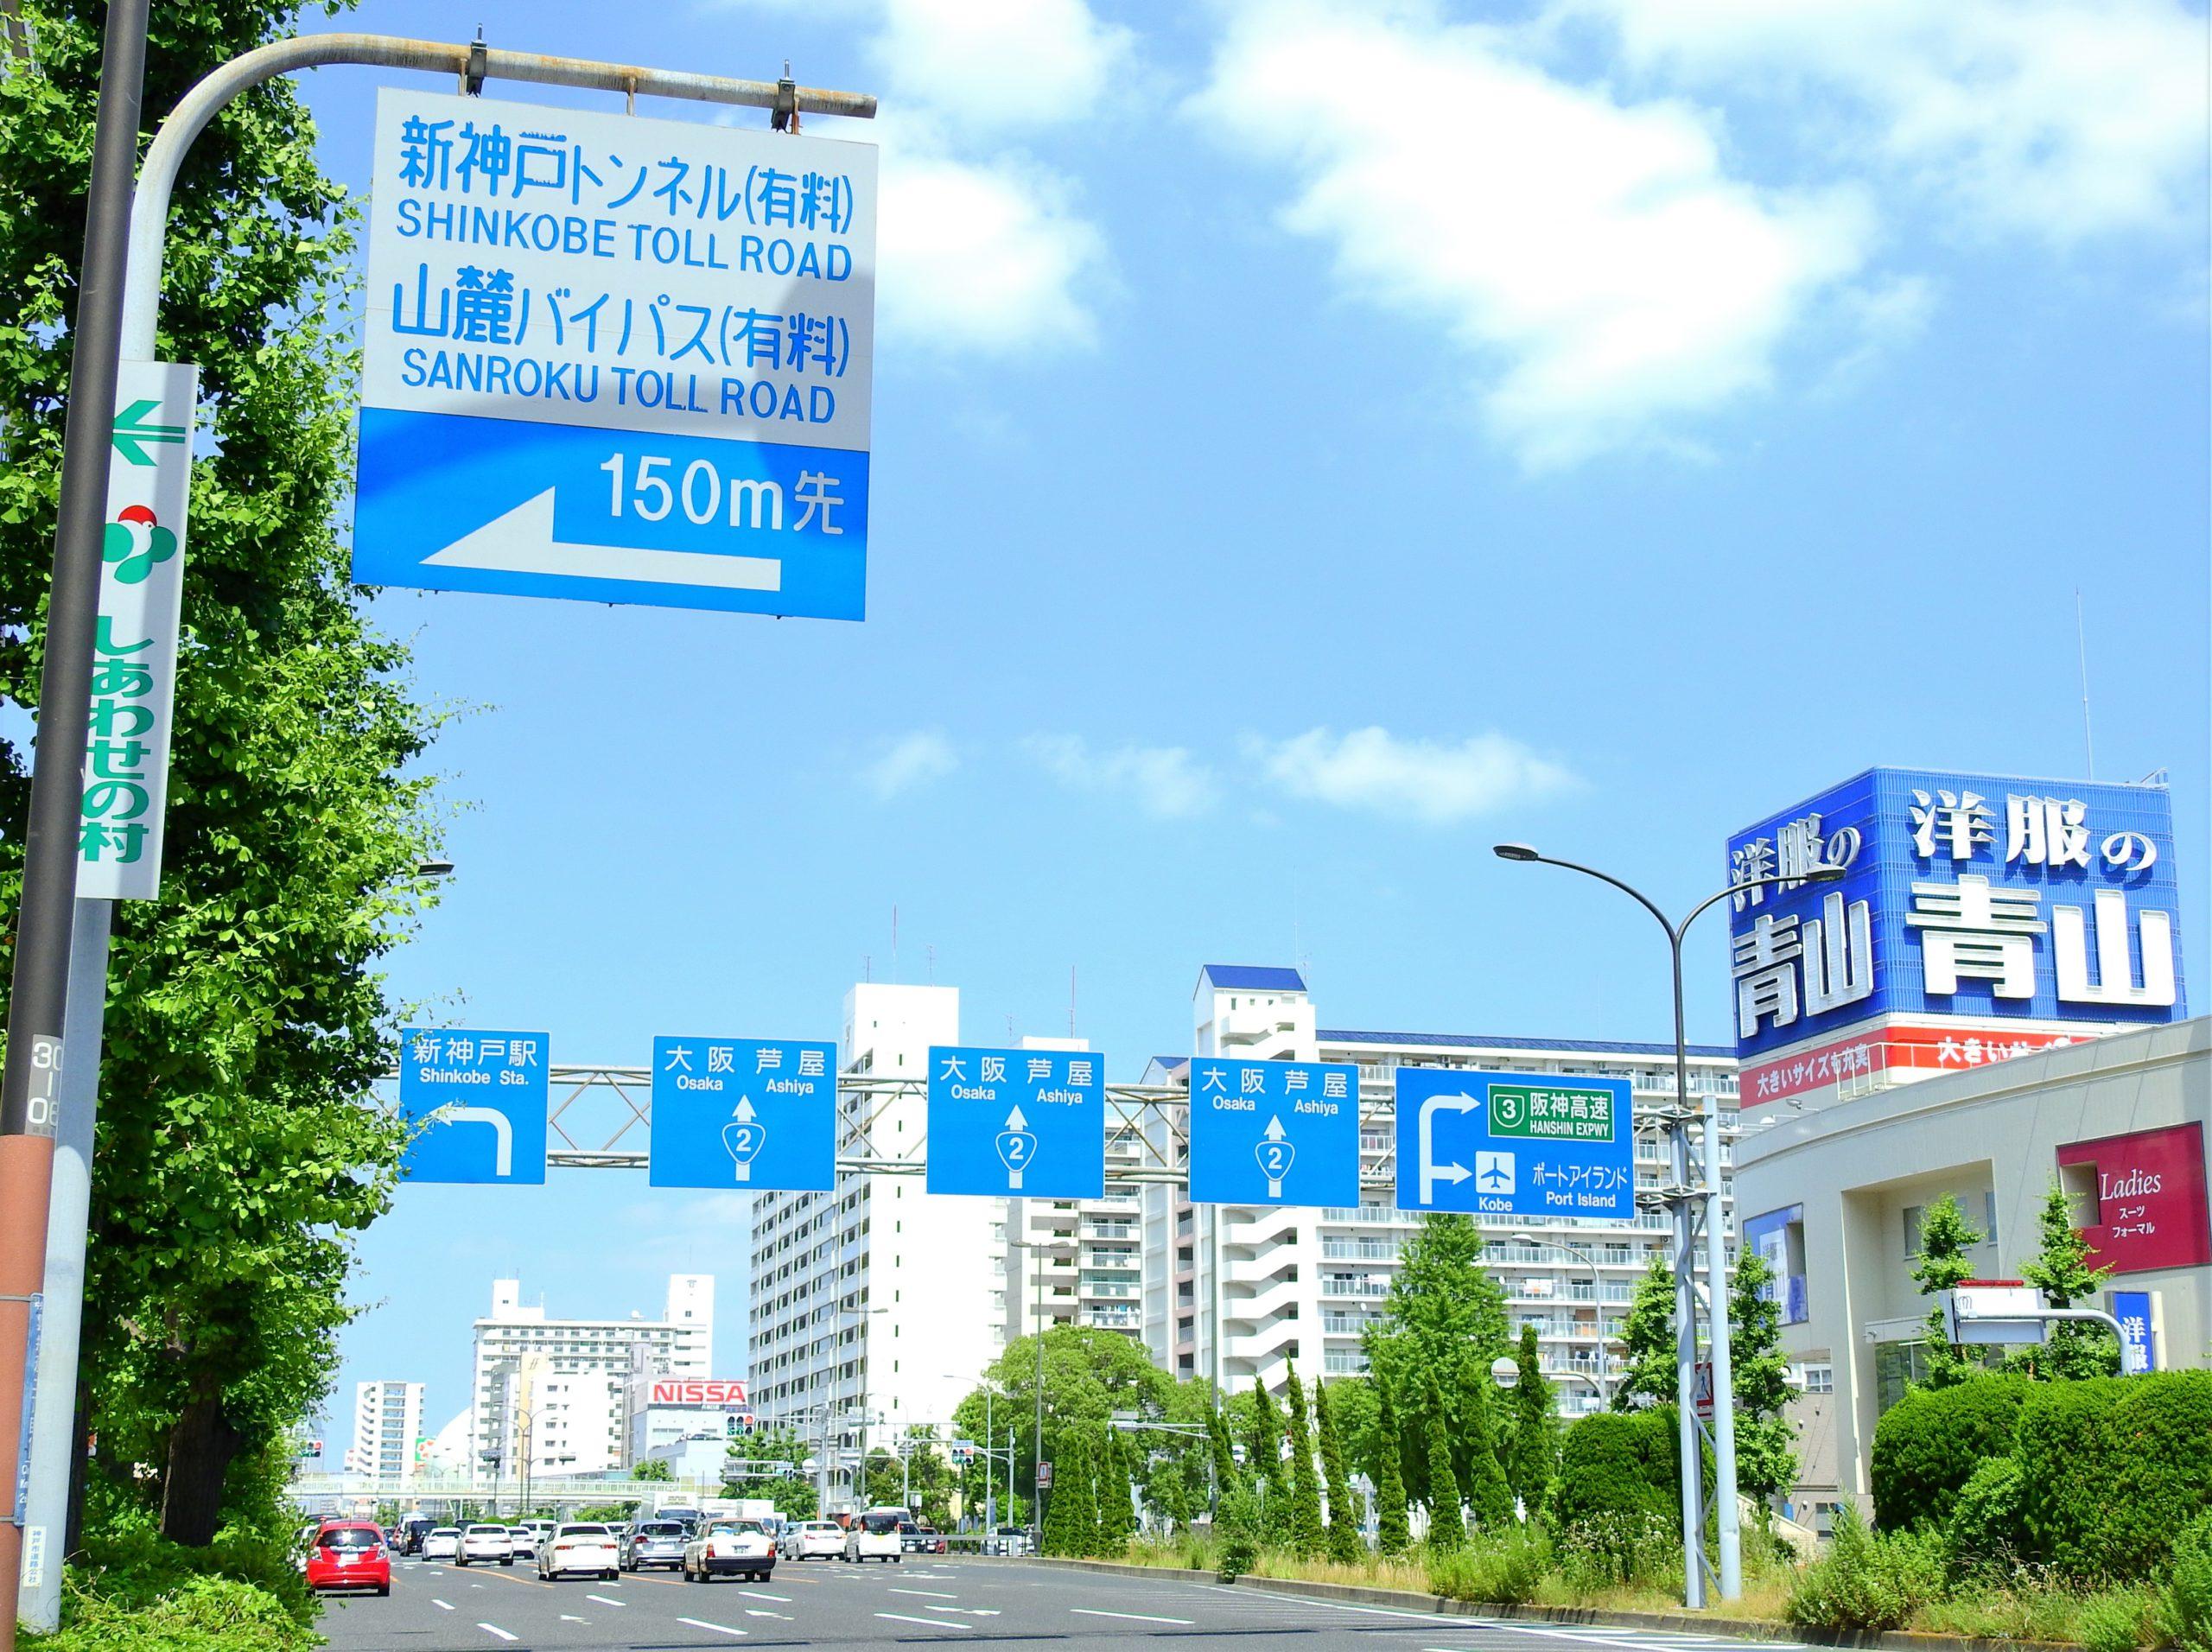 兵庫県 神戸市